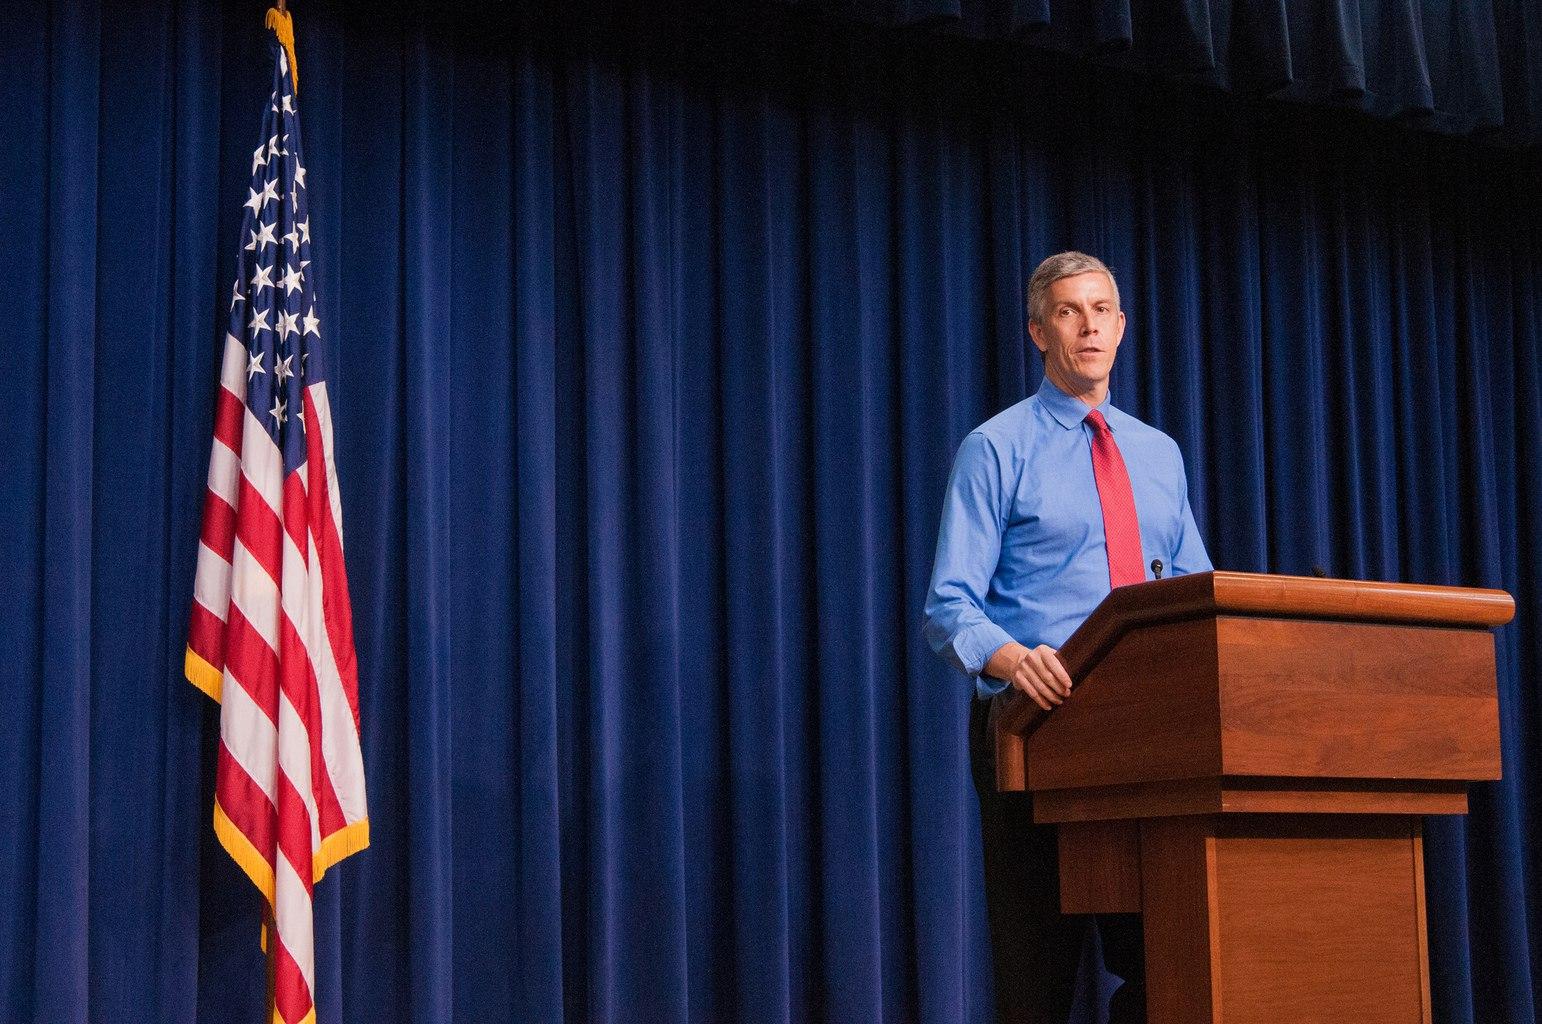 Secretary of Education. Arne Duncan